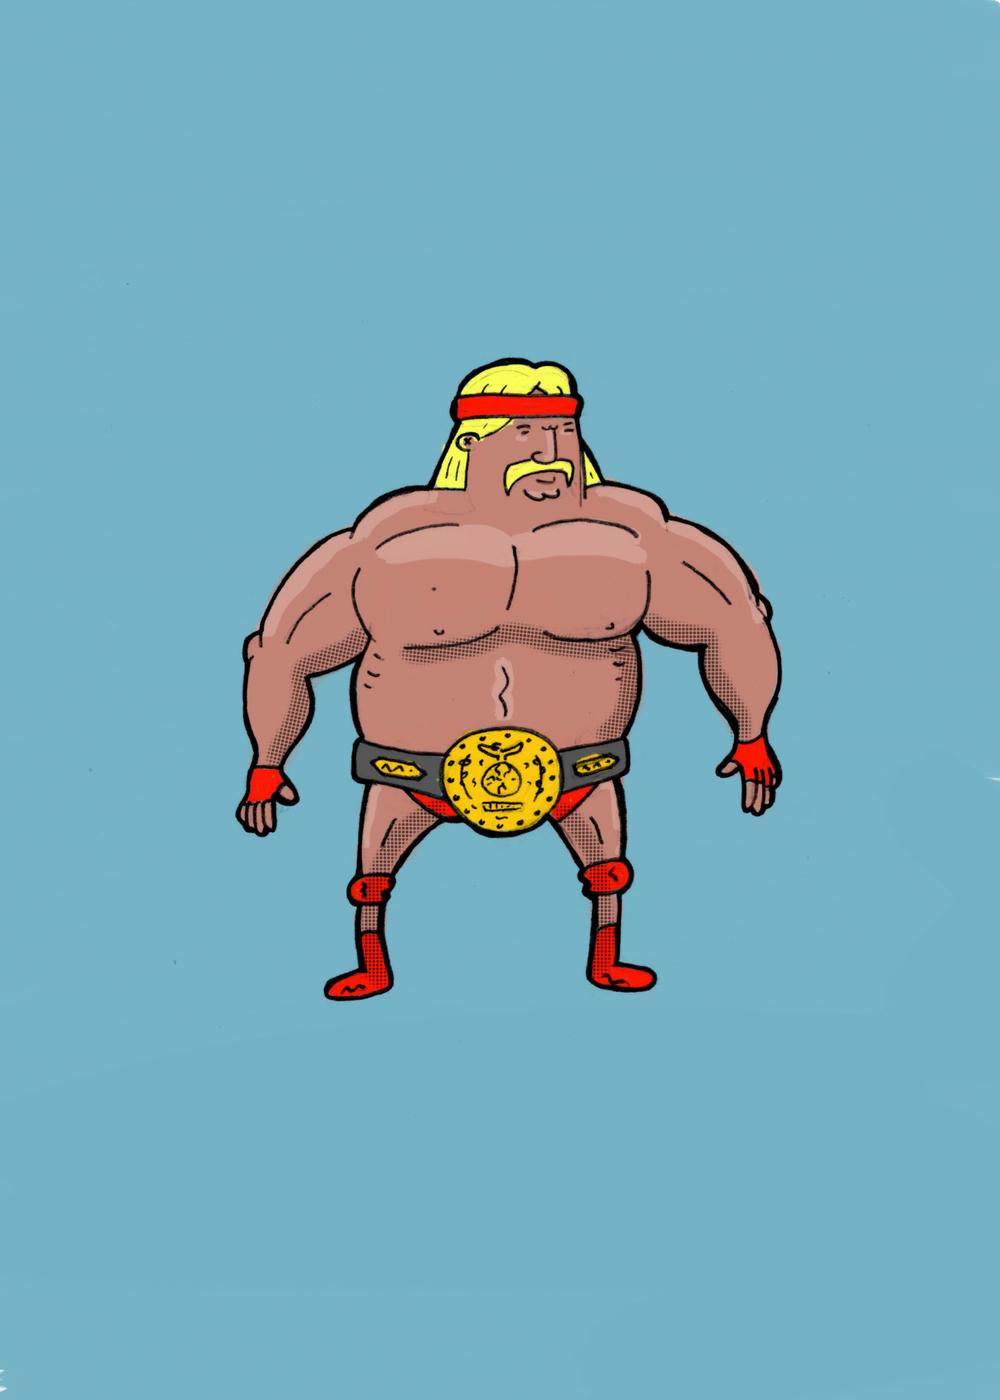 Wrestler-02.jpg